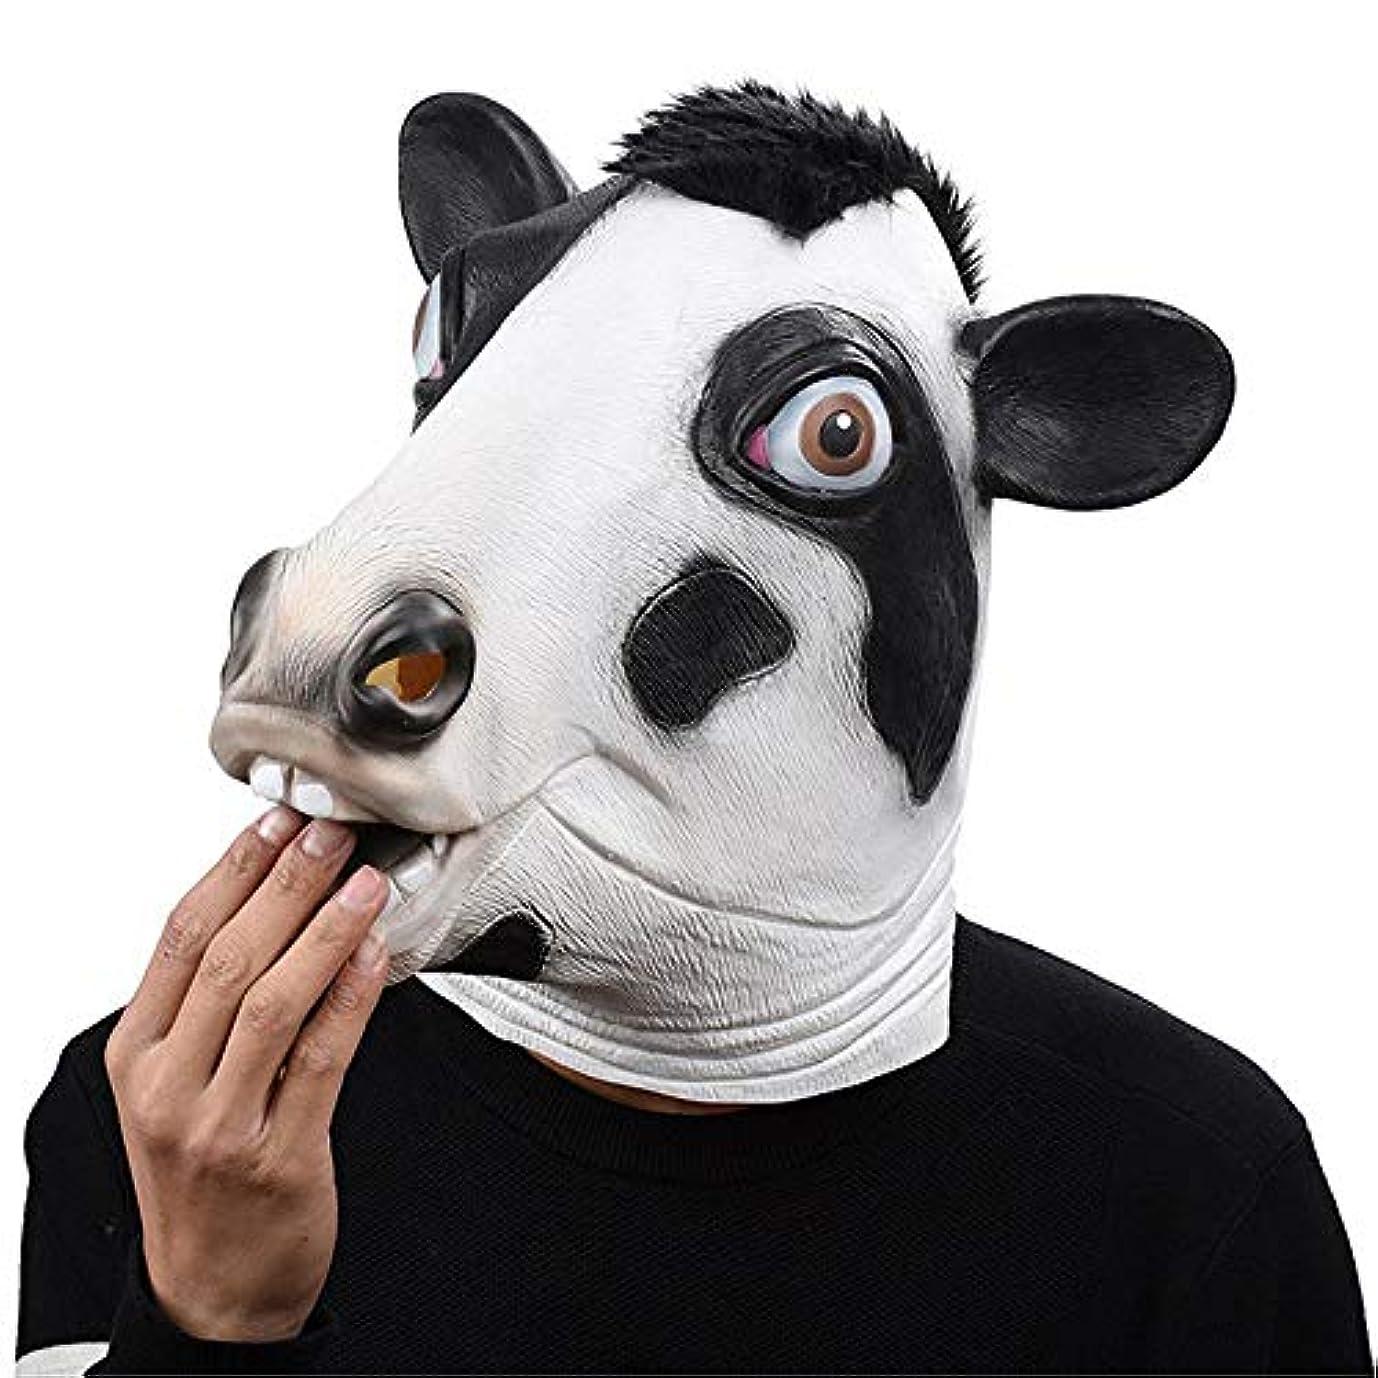 屈辱するコーンウォールのヒープハロウィンマスククリスマスボール牛スタイリングマスクパーティーマスクゲーム面白いパーティー用品